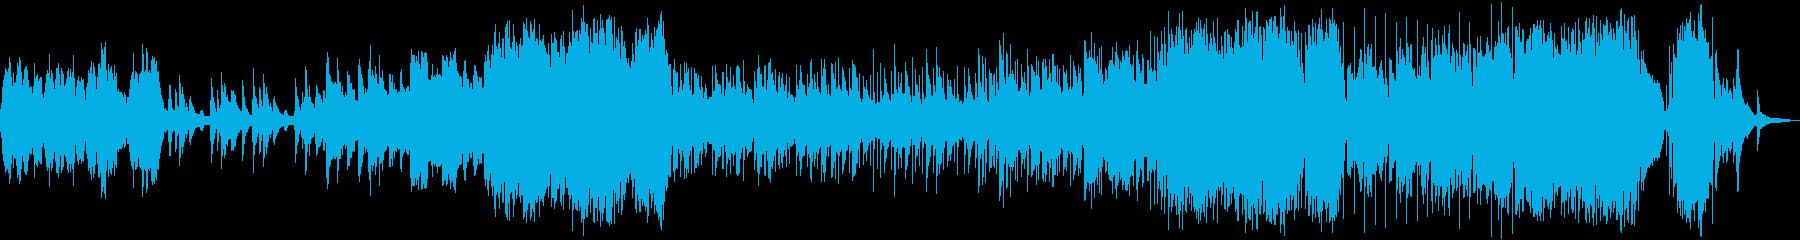 旅立ちをイメージした壮大なBGMの再生済みの波形